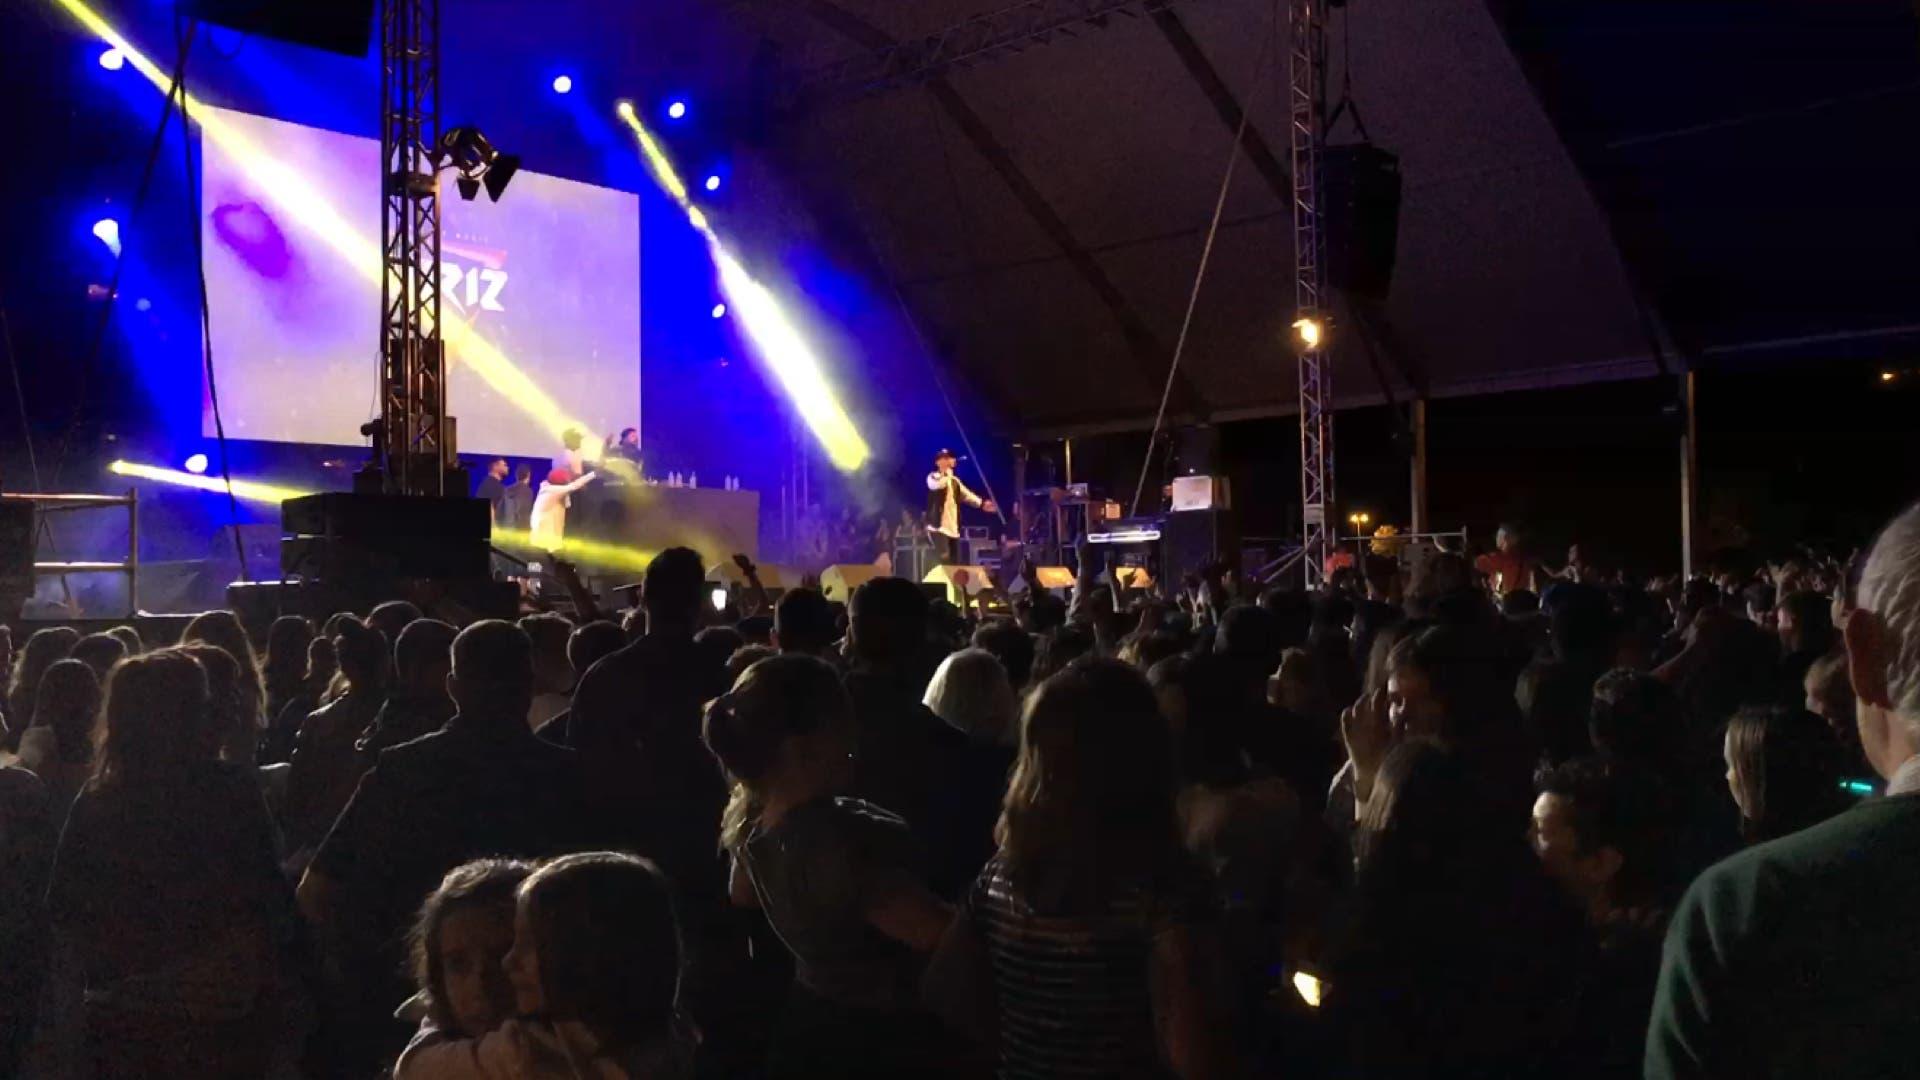 Xriz en el escenario del Dance Park Festival.